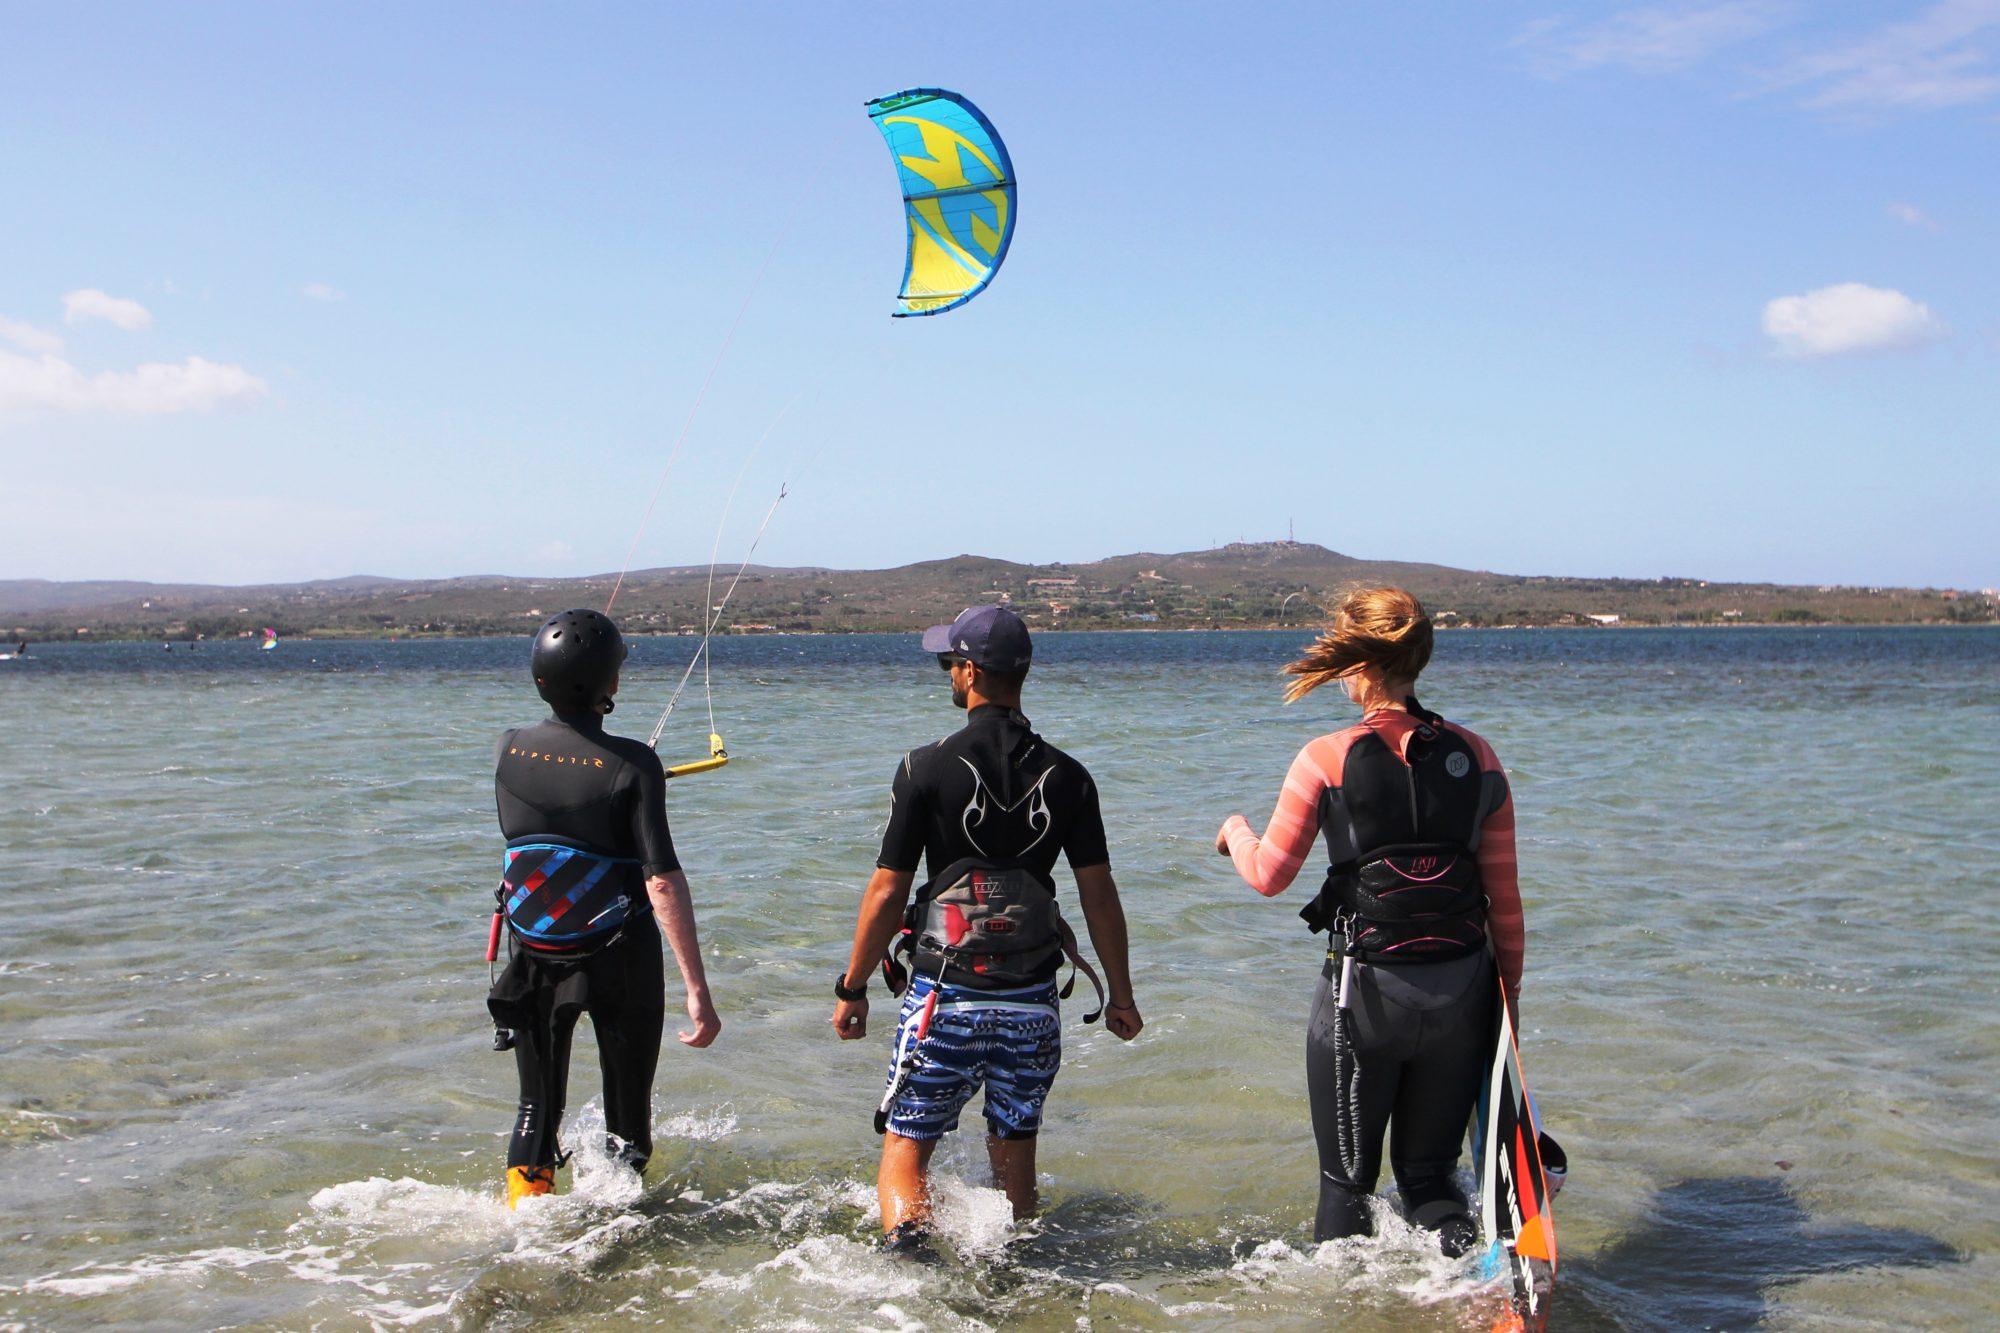 Sardinia Kitesurfing Flat Water Kite Beach of Punta Trettu